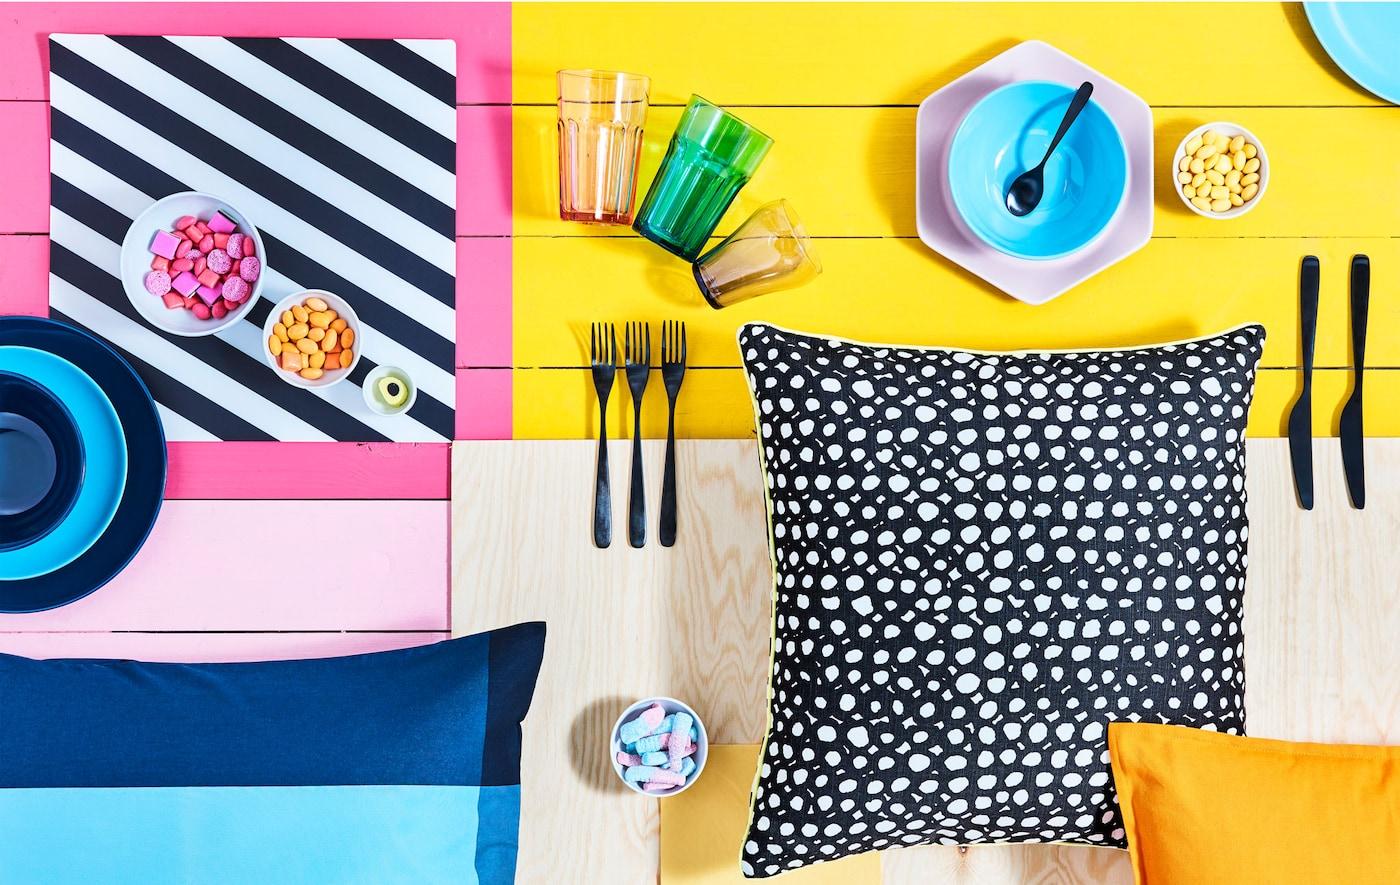 На поверхности из ярких разноцветных блоков расставлены миски с конфетами, столовая посуда и разложены узорчатые подушки.